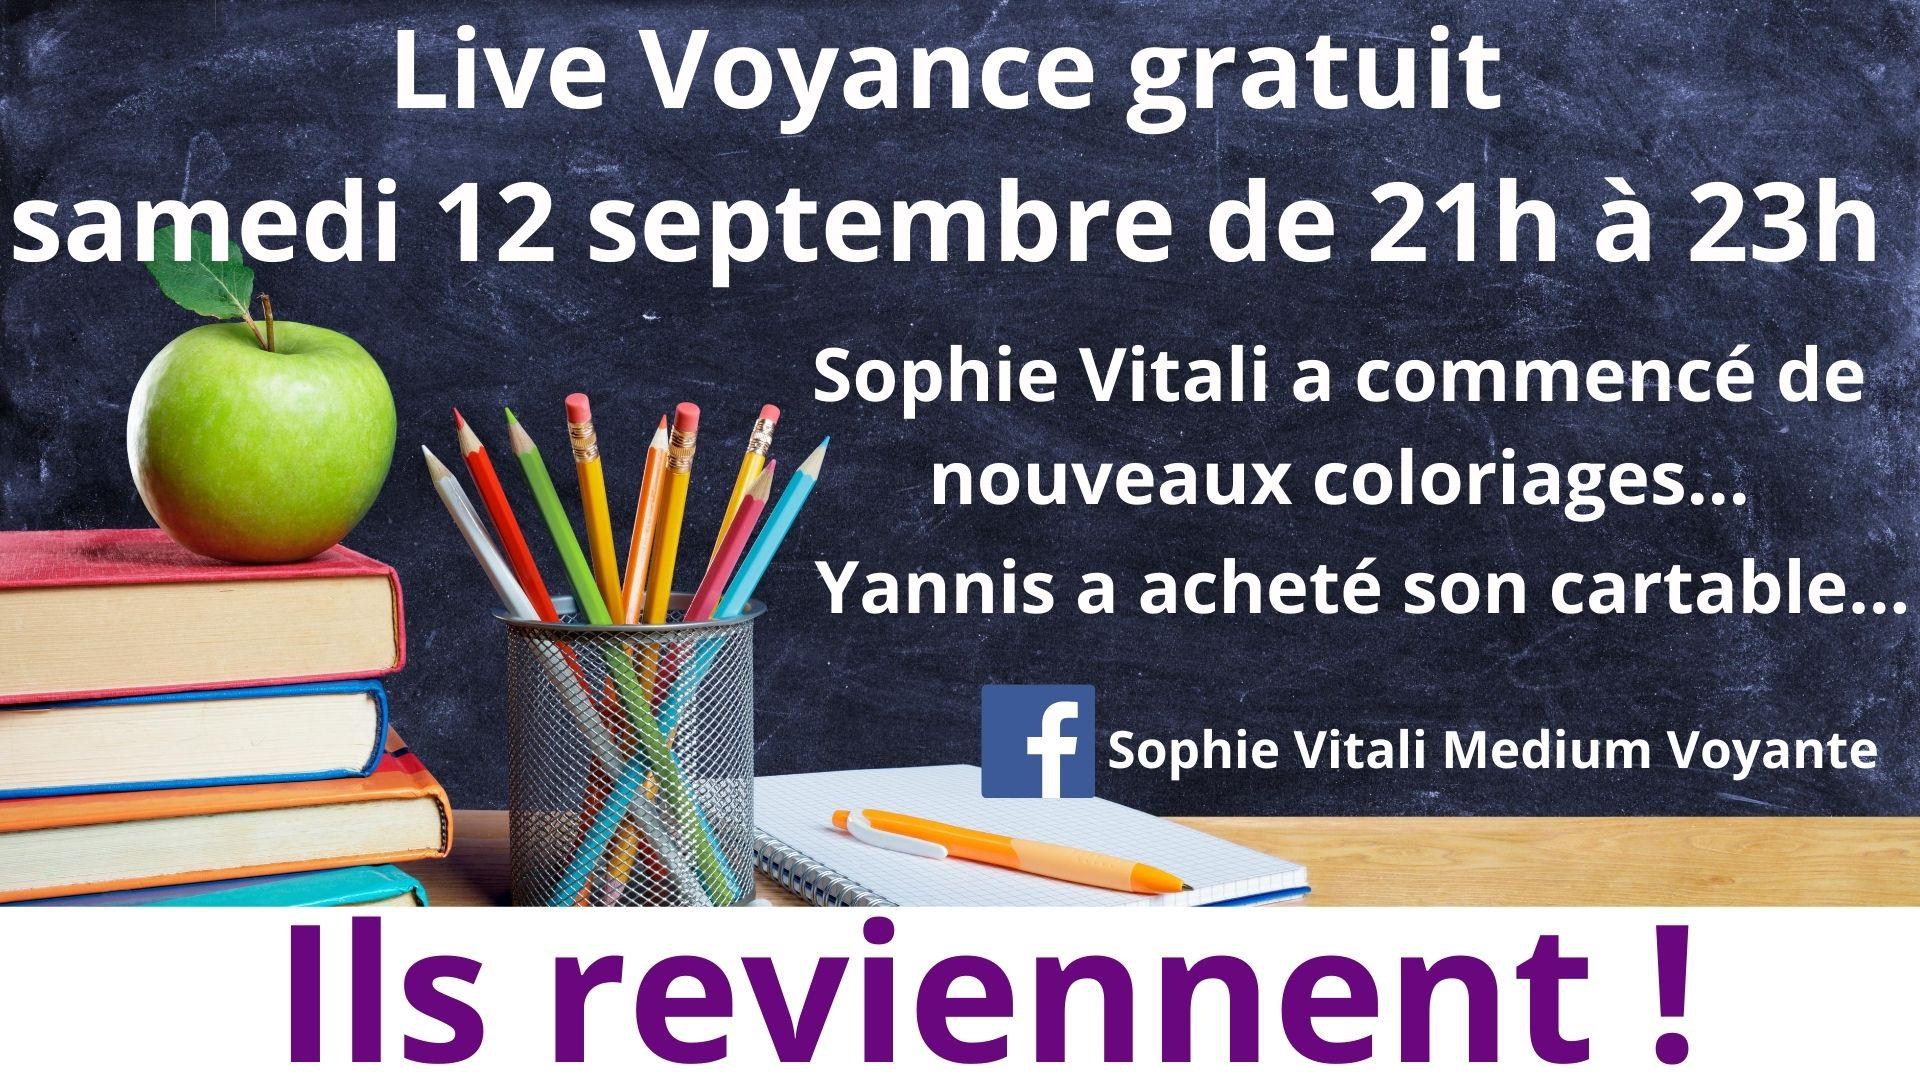 Live voyance gratuit sur Facebook animé par Sophie Vitali et Yannis